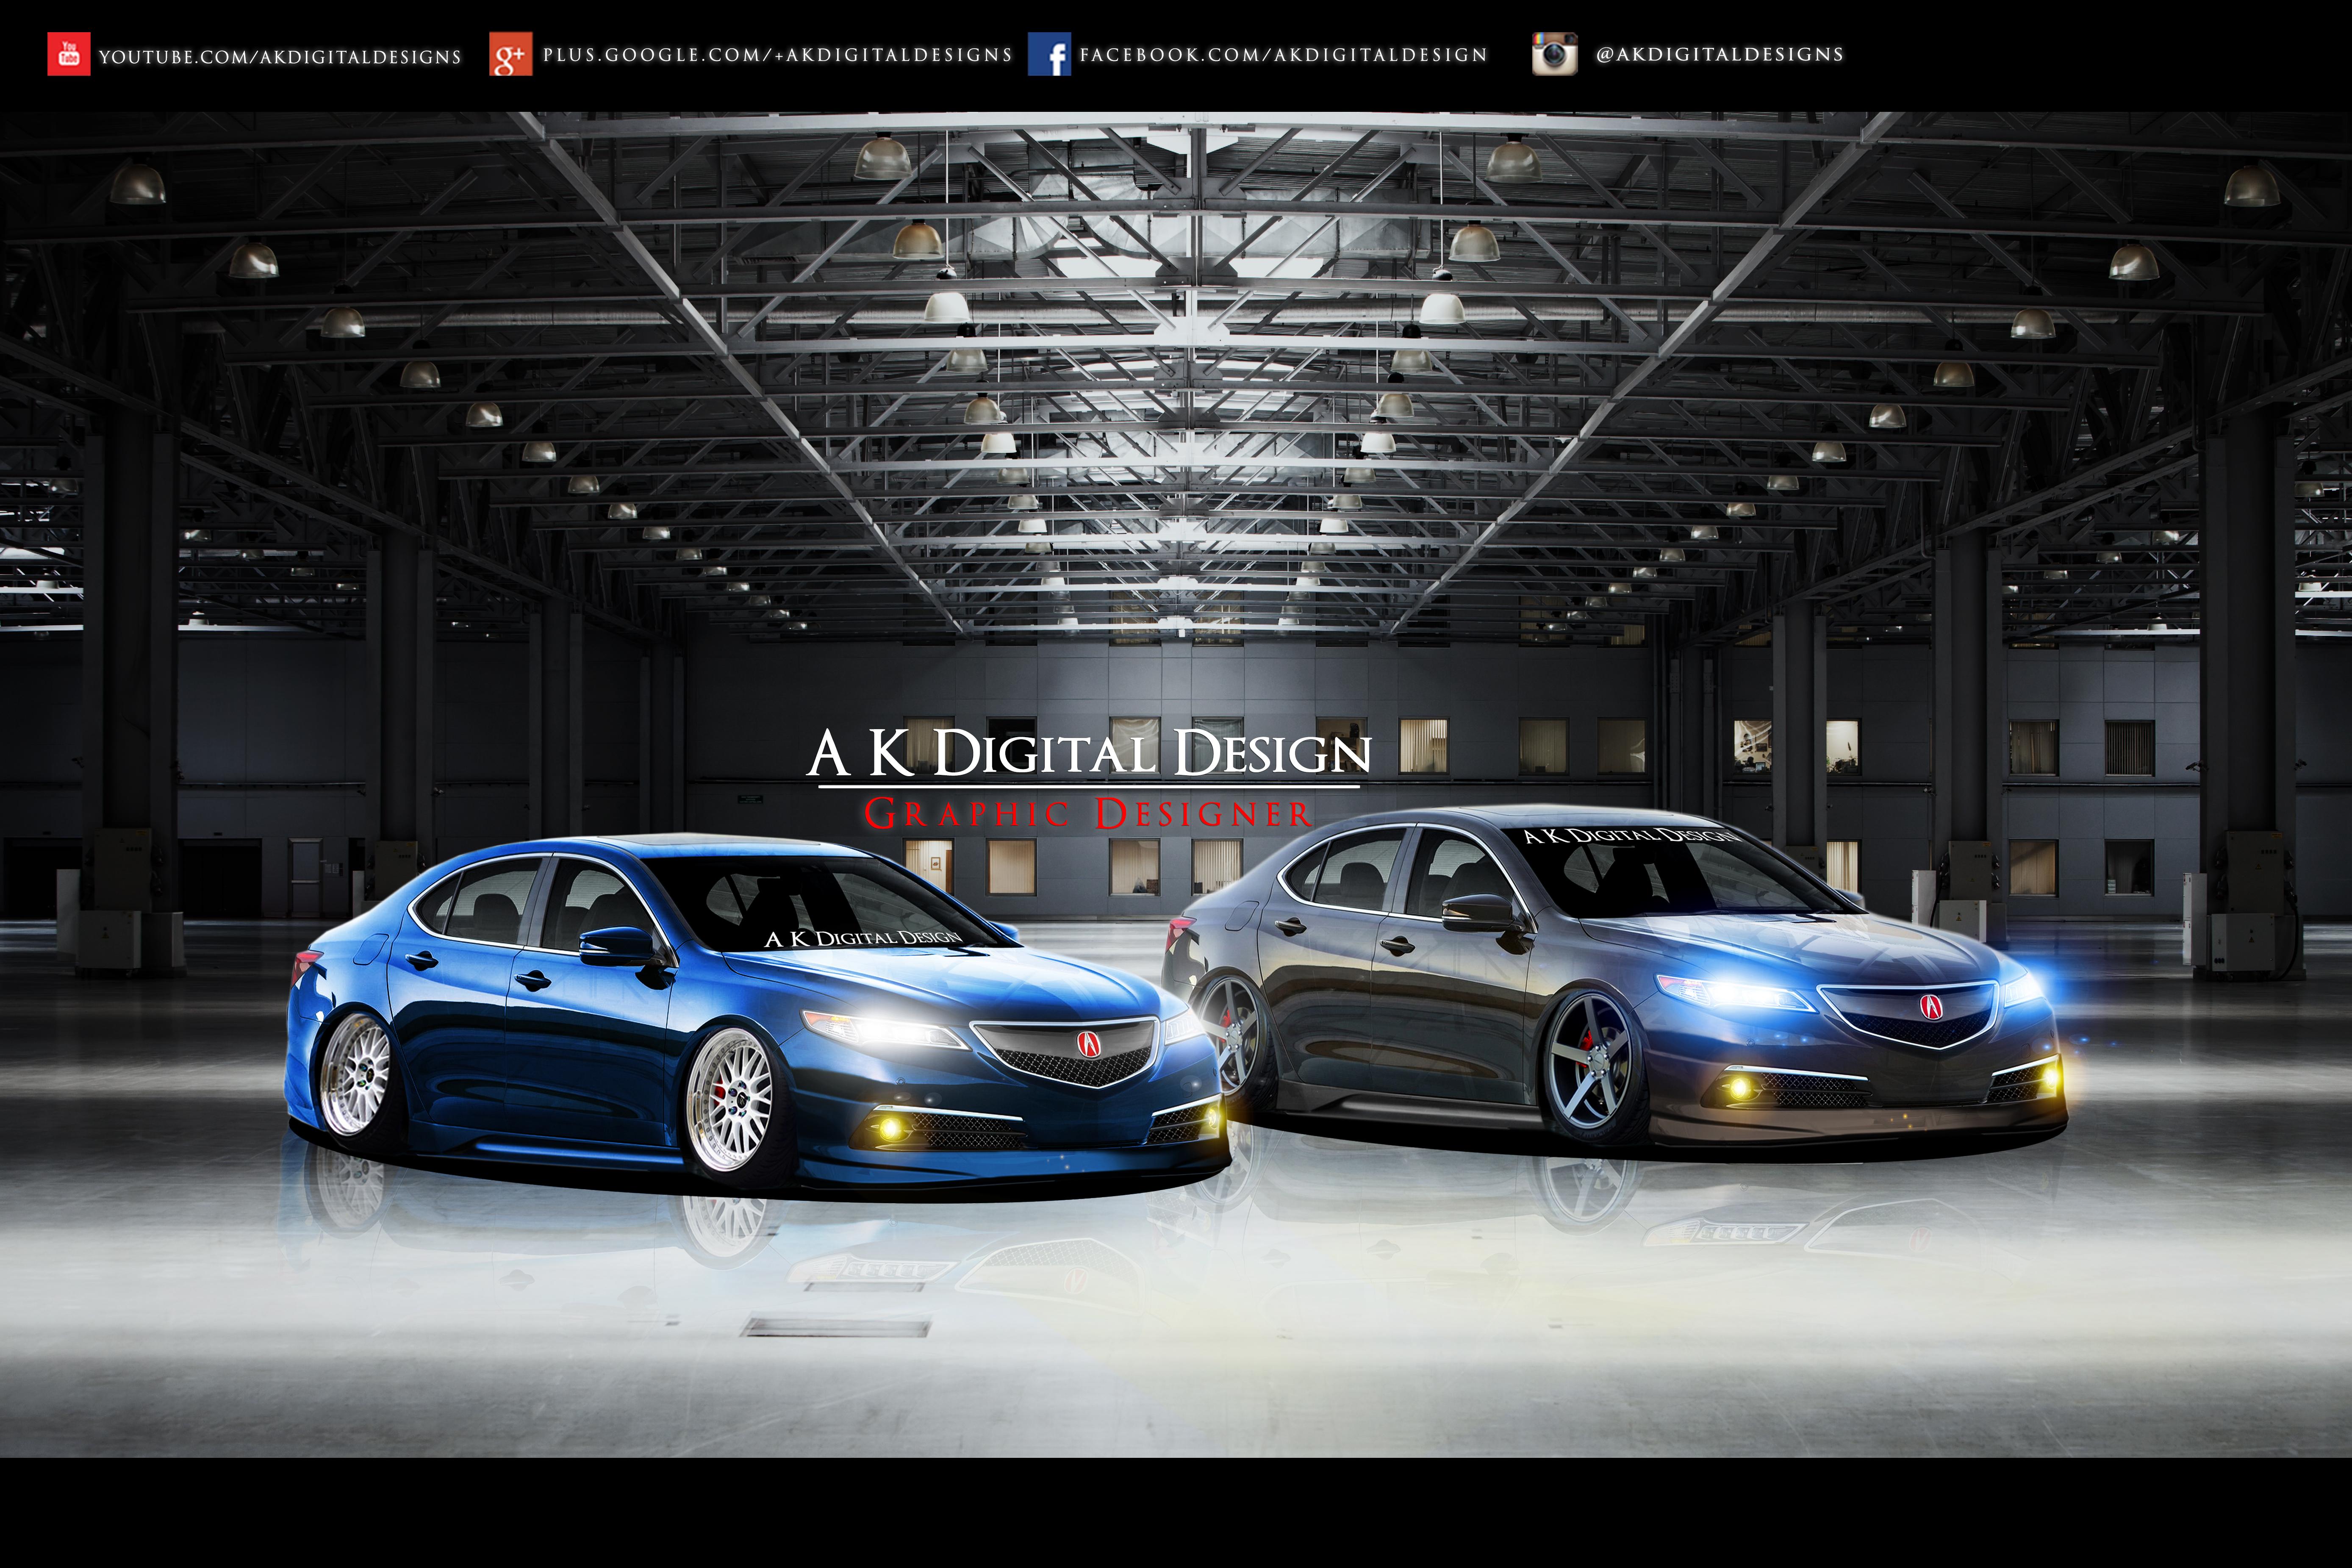 Acura TLX Wallpaper by akdigitaldesigns on DeviantArt